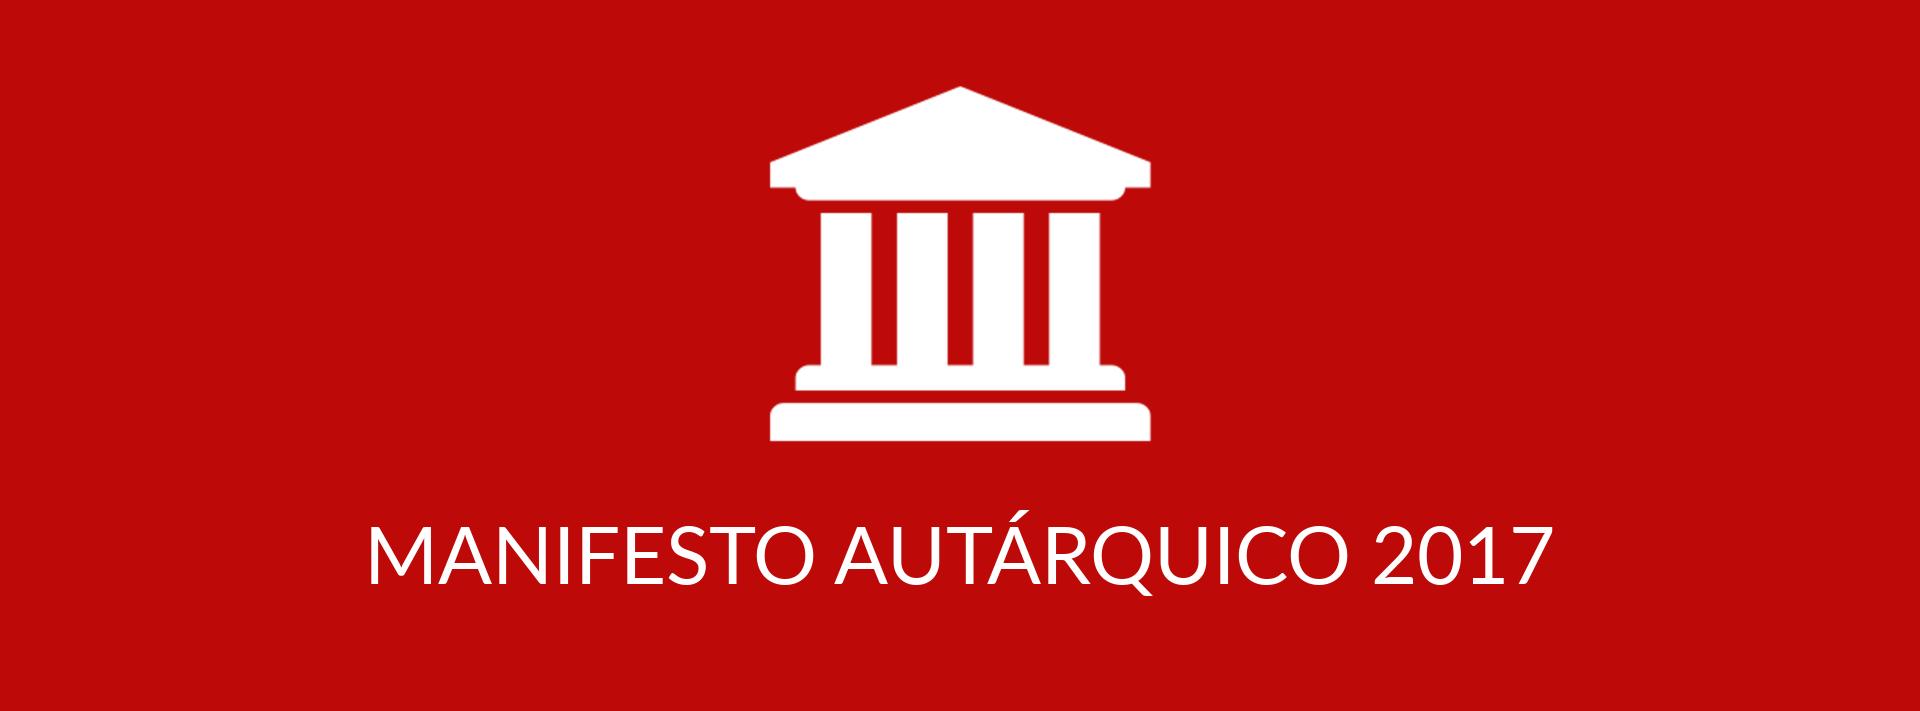 Manifesto Autárquico 2017 (1920x711)